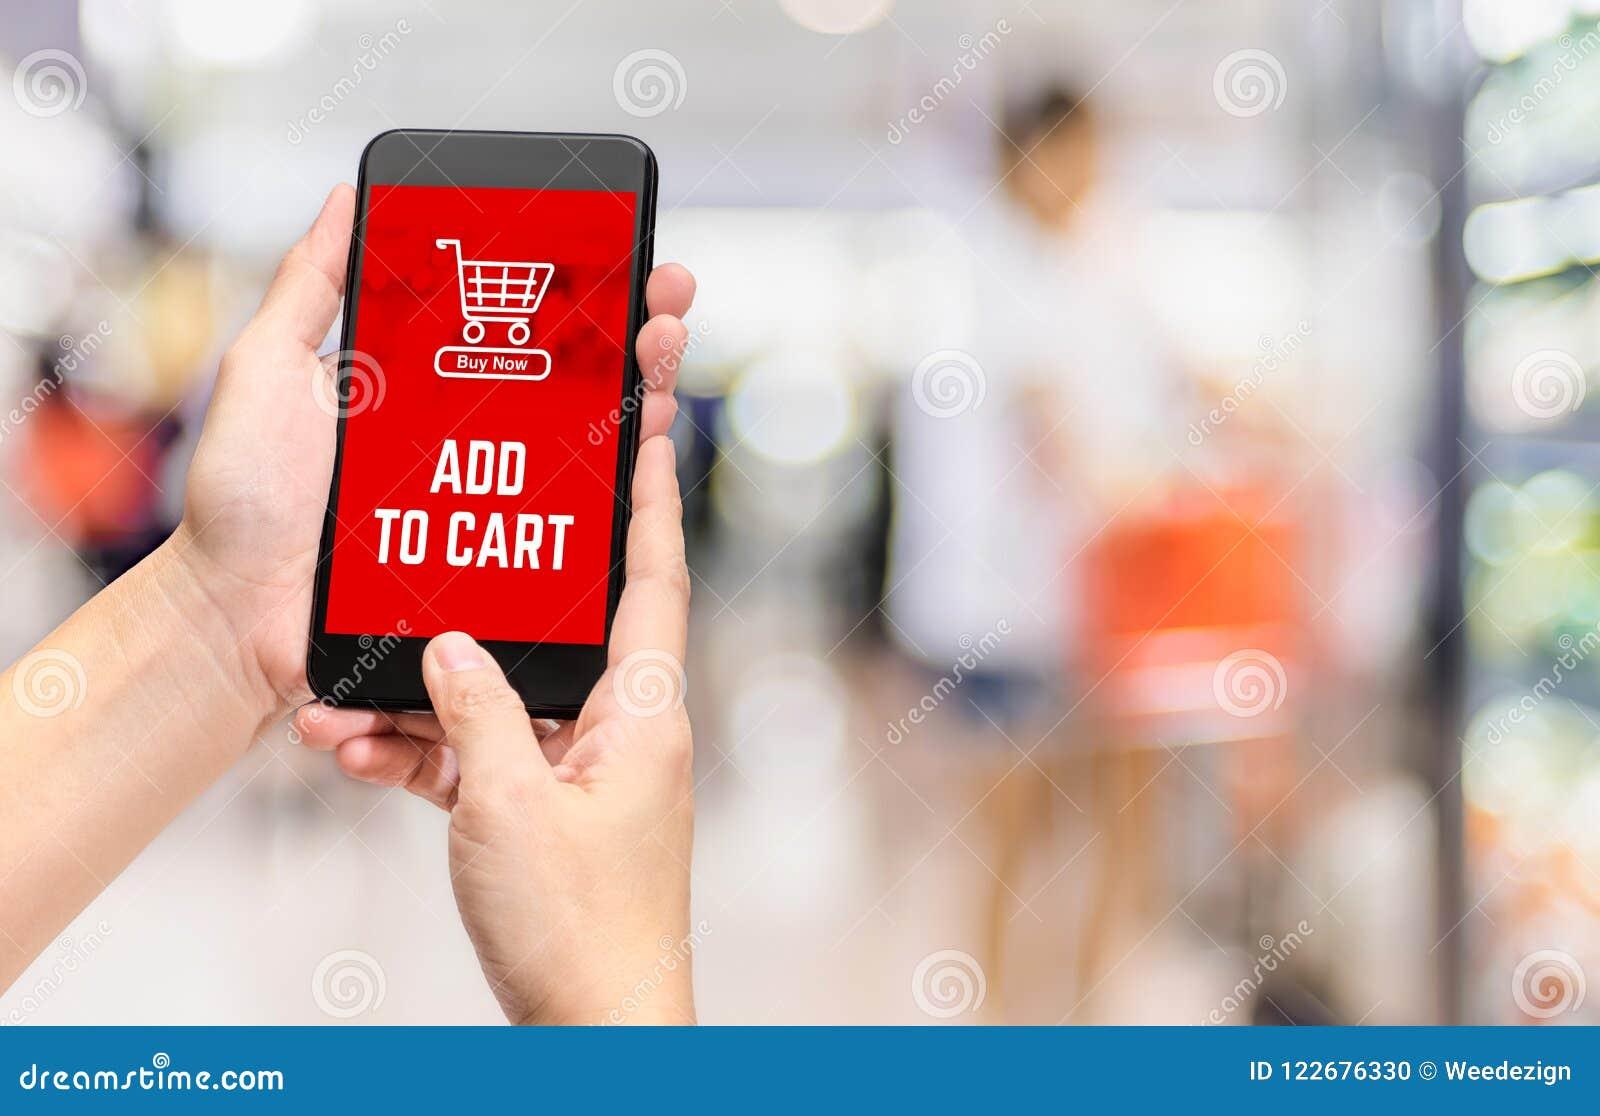 Το χέρι που κρατά κινητό προσθέτει στο προϊόν κάρρων στην αγορά σε απευθείας σύνδεση με